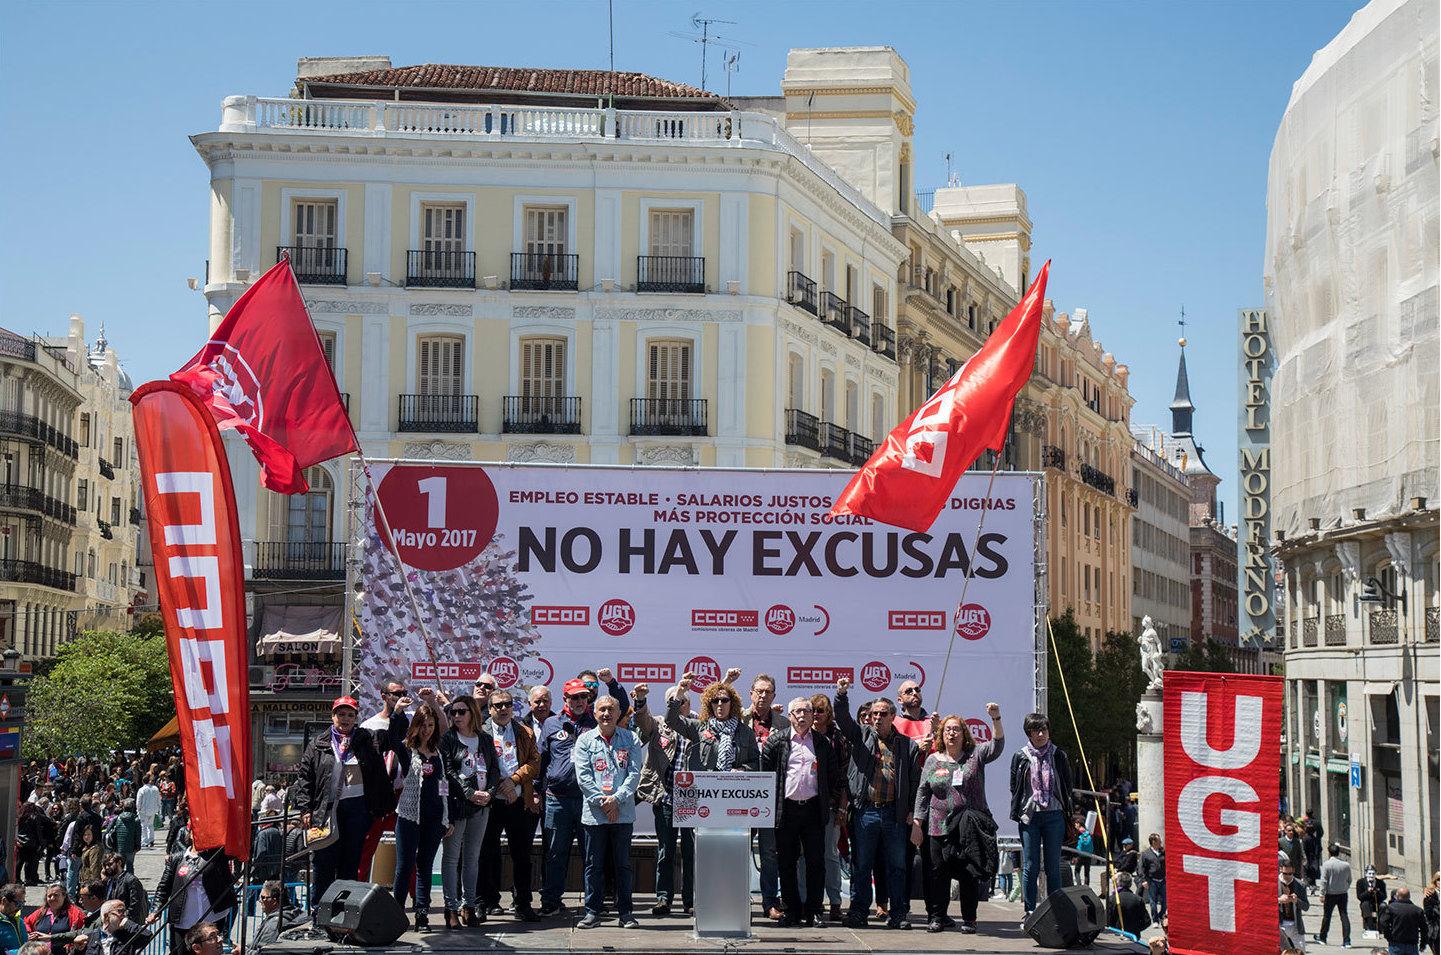 Más turistas que manifestantes en Sol